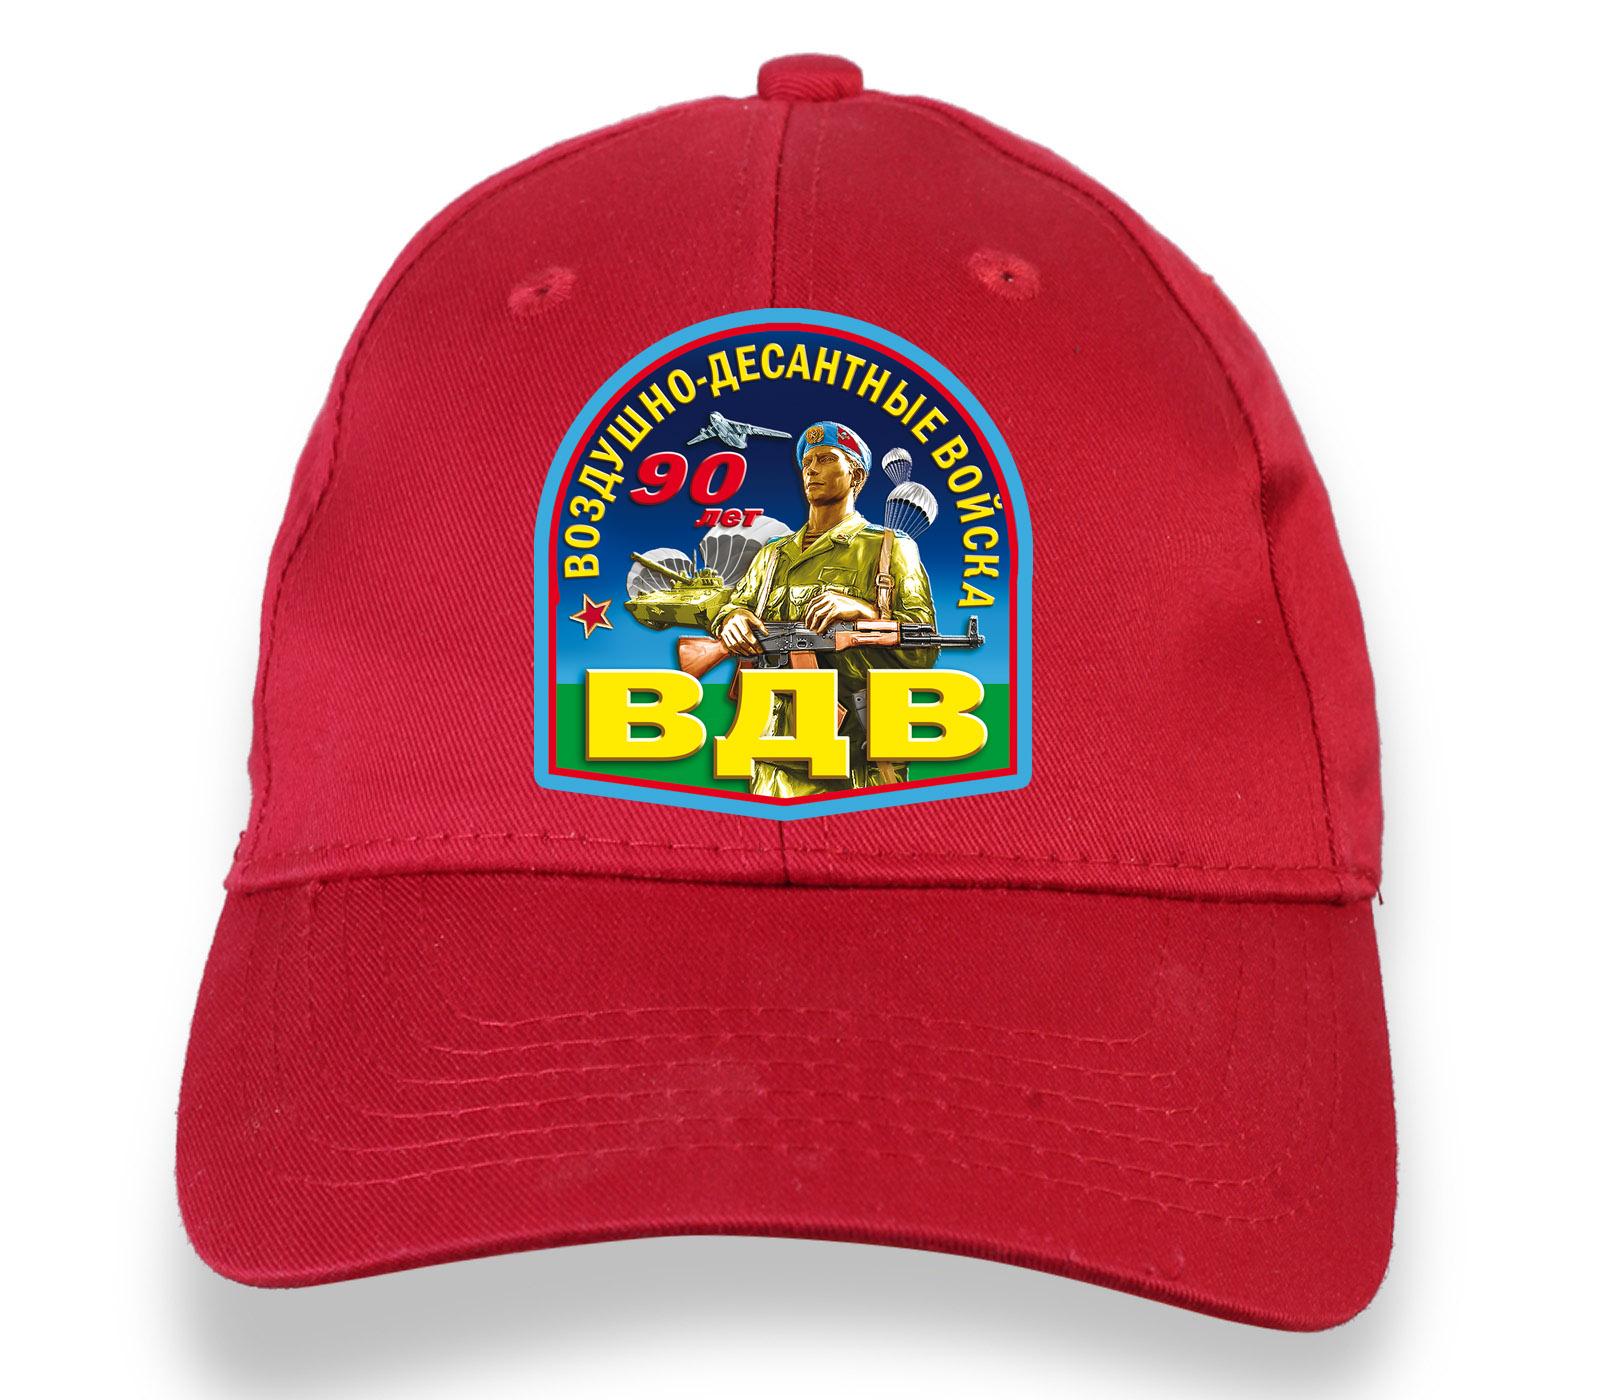 Купить красную бейсболку с термотрансфером 90 лет ВДВ онлайн выгодно